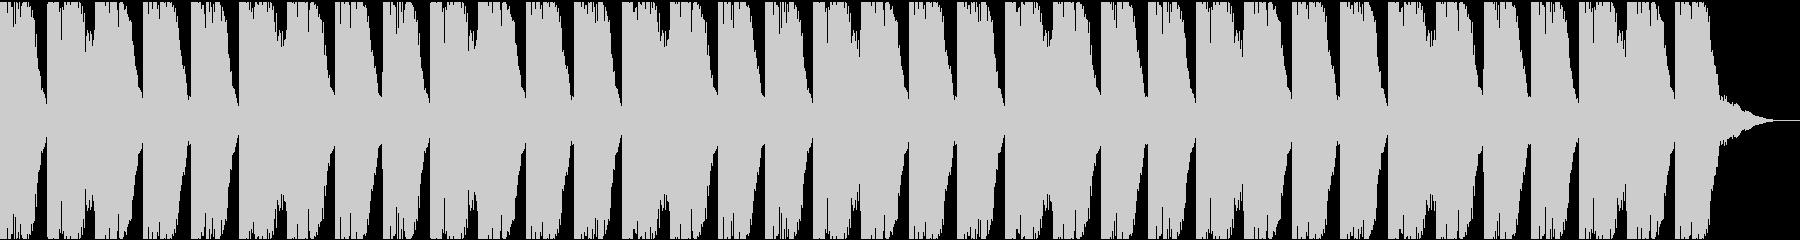 壊れたオートハープなどによる奇妙なリズムの未再生の波形